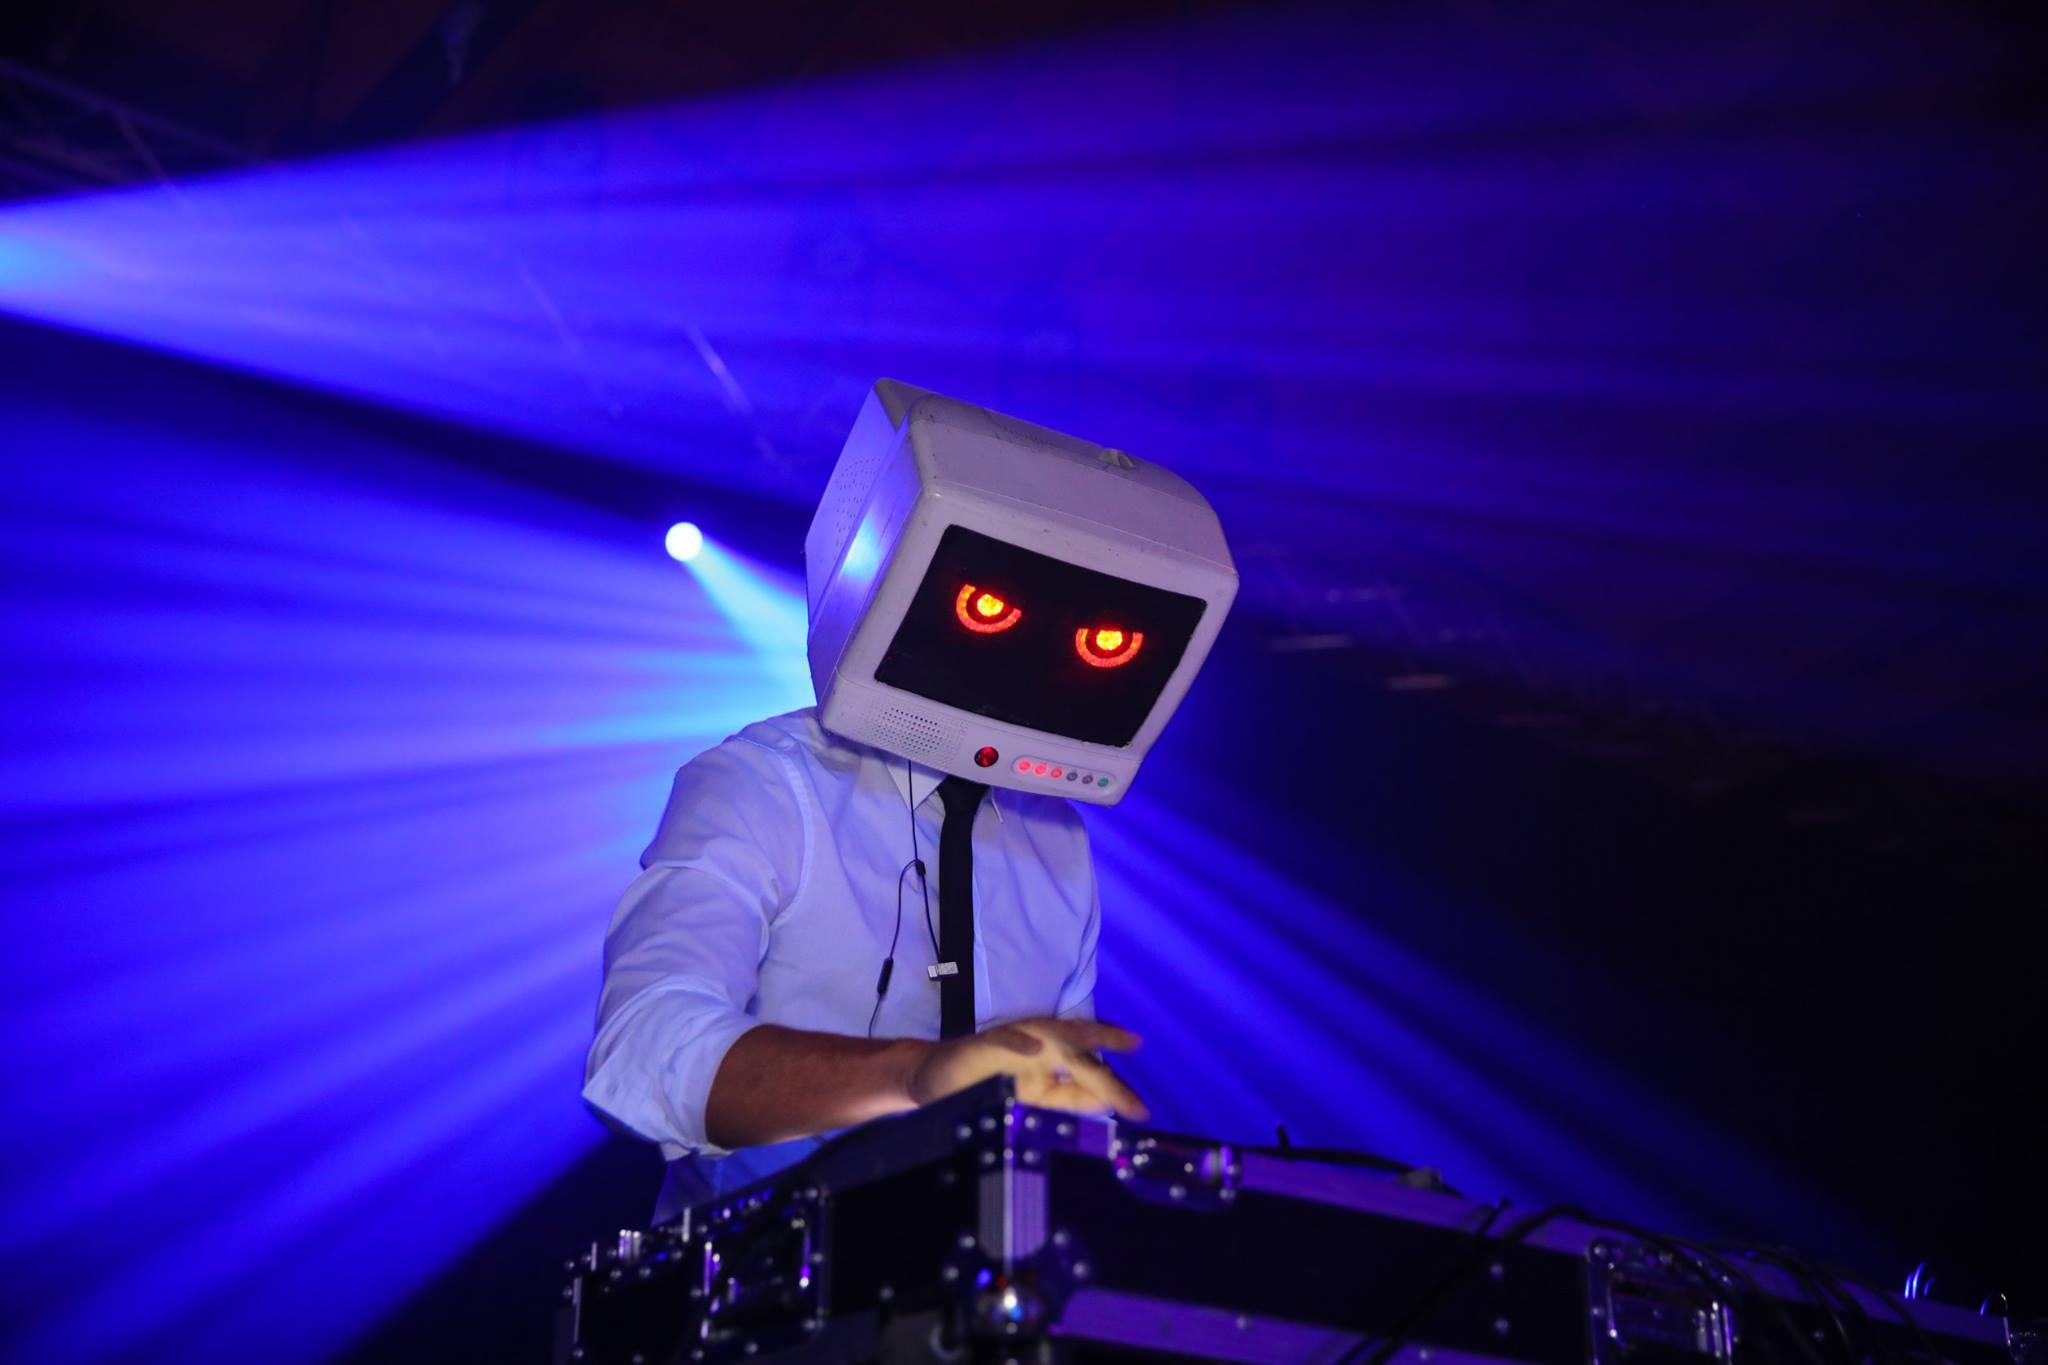 Mind warp Robot Dream photo1 jason.jpg